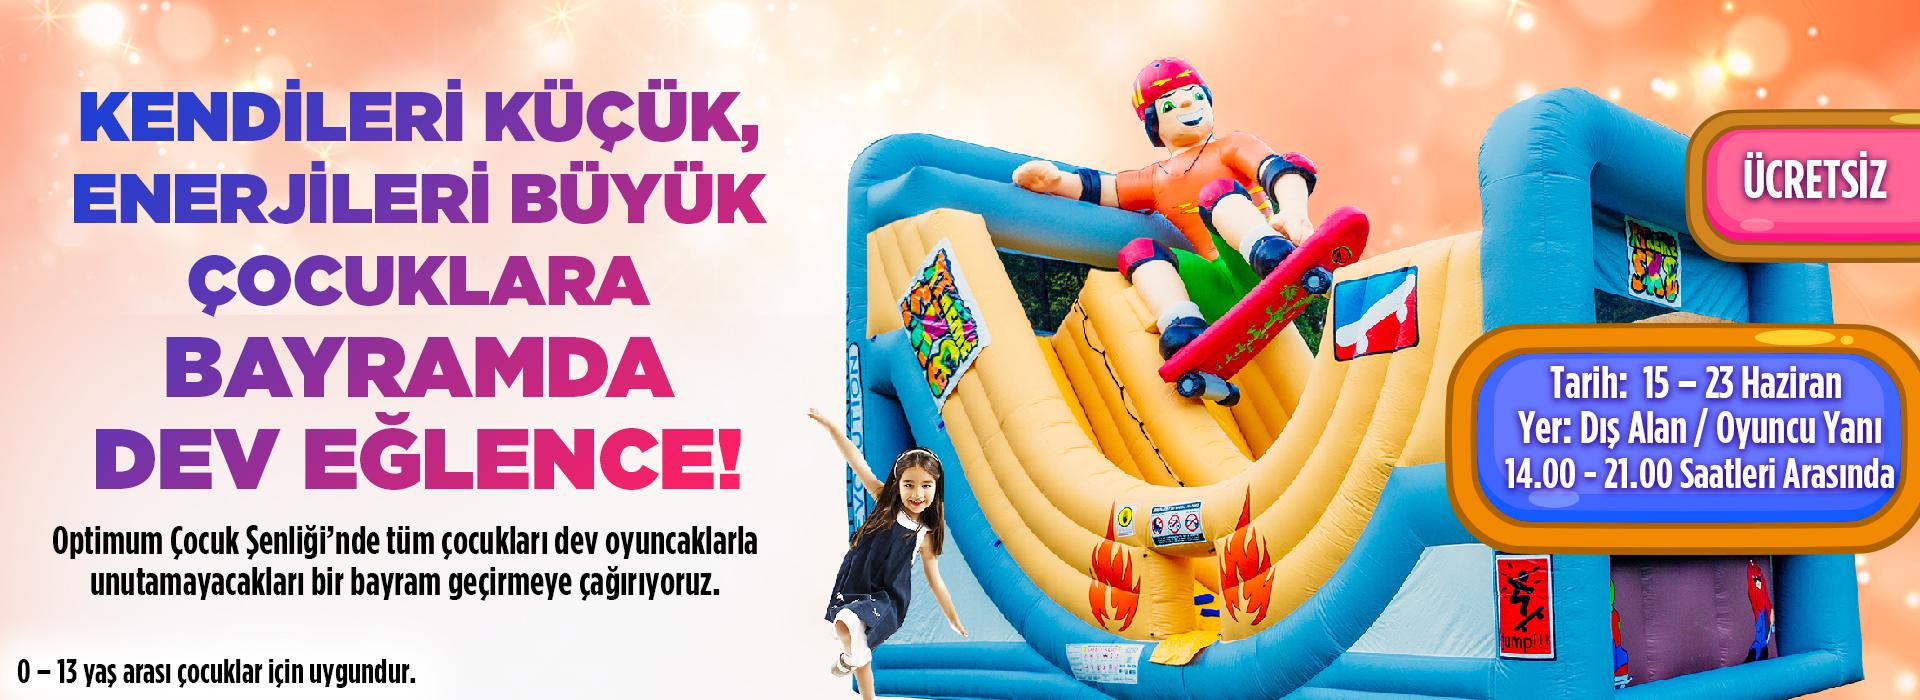 Kendileri Küçük,Enerjileri Büyük Çocuklara Bayramda Dev Eğlence!